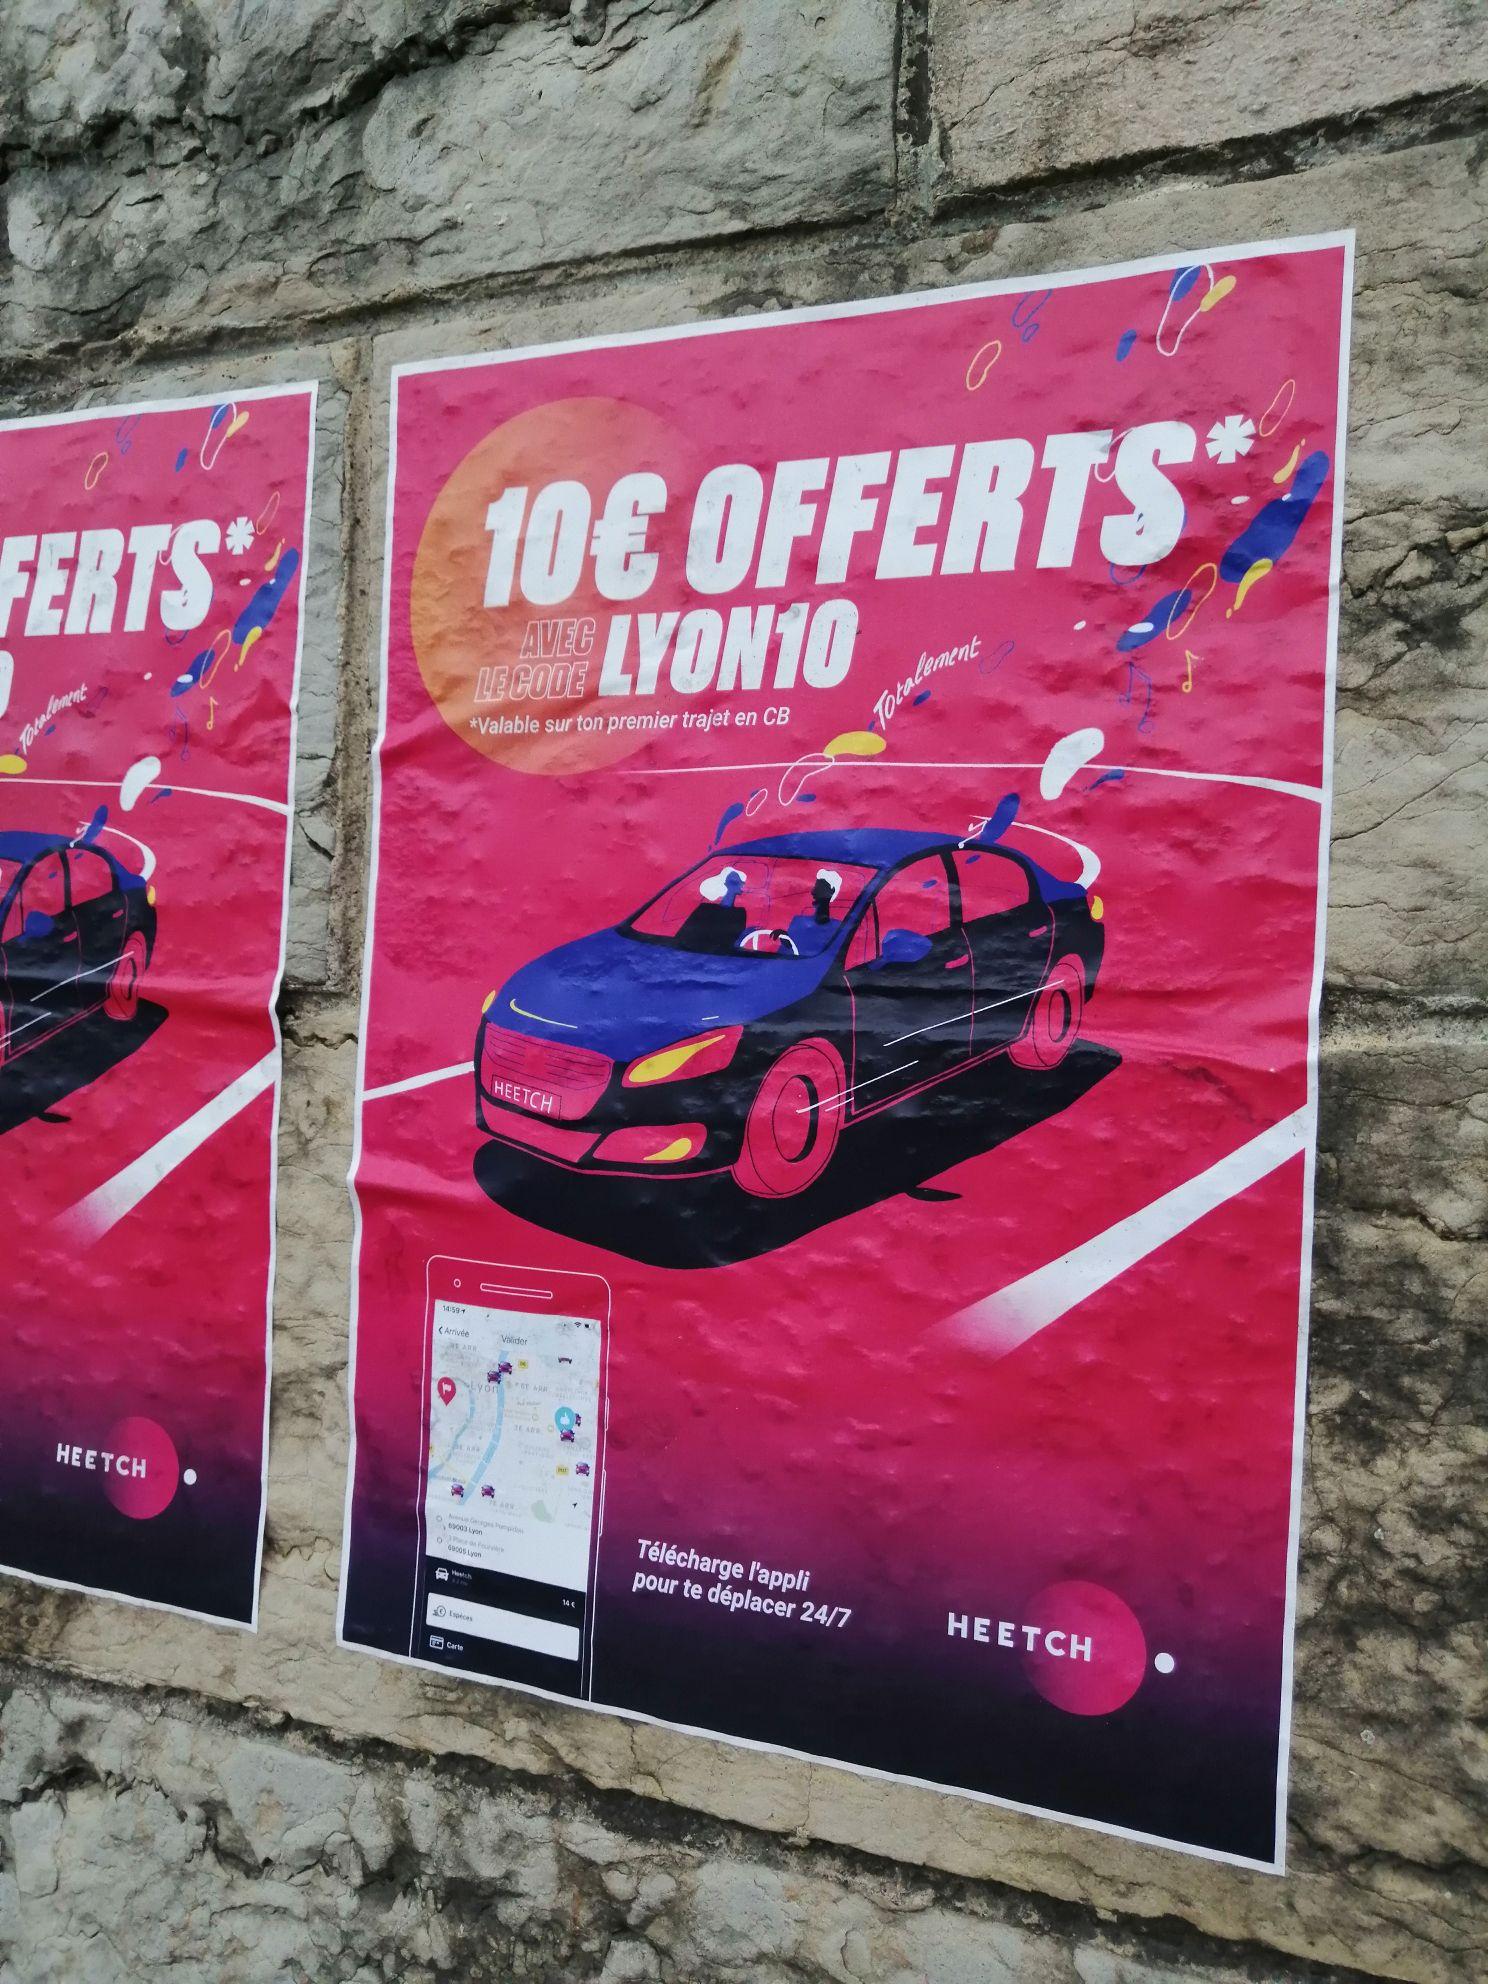 [Nouveaux clients] 10€ de réduction sur une première course en VTC - Lyon (69)